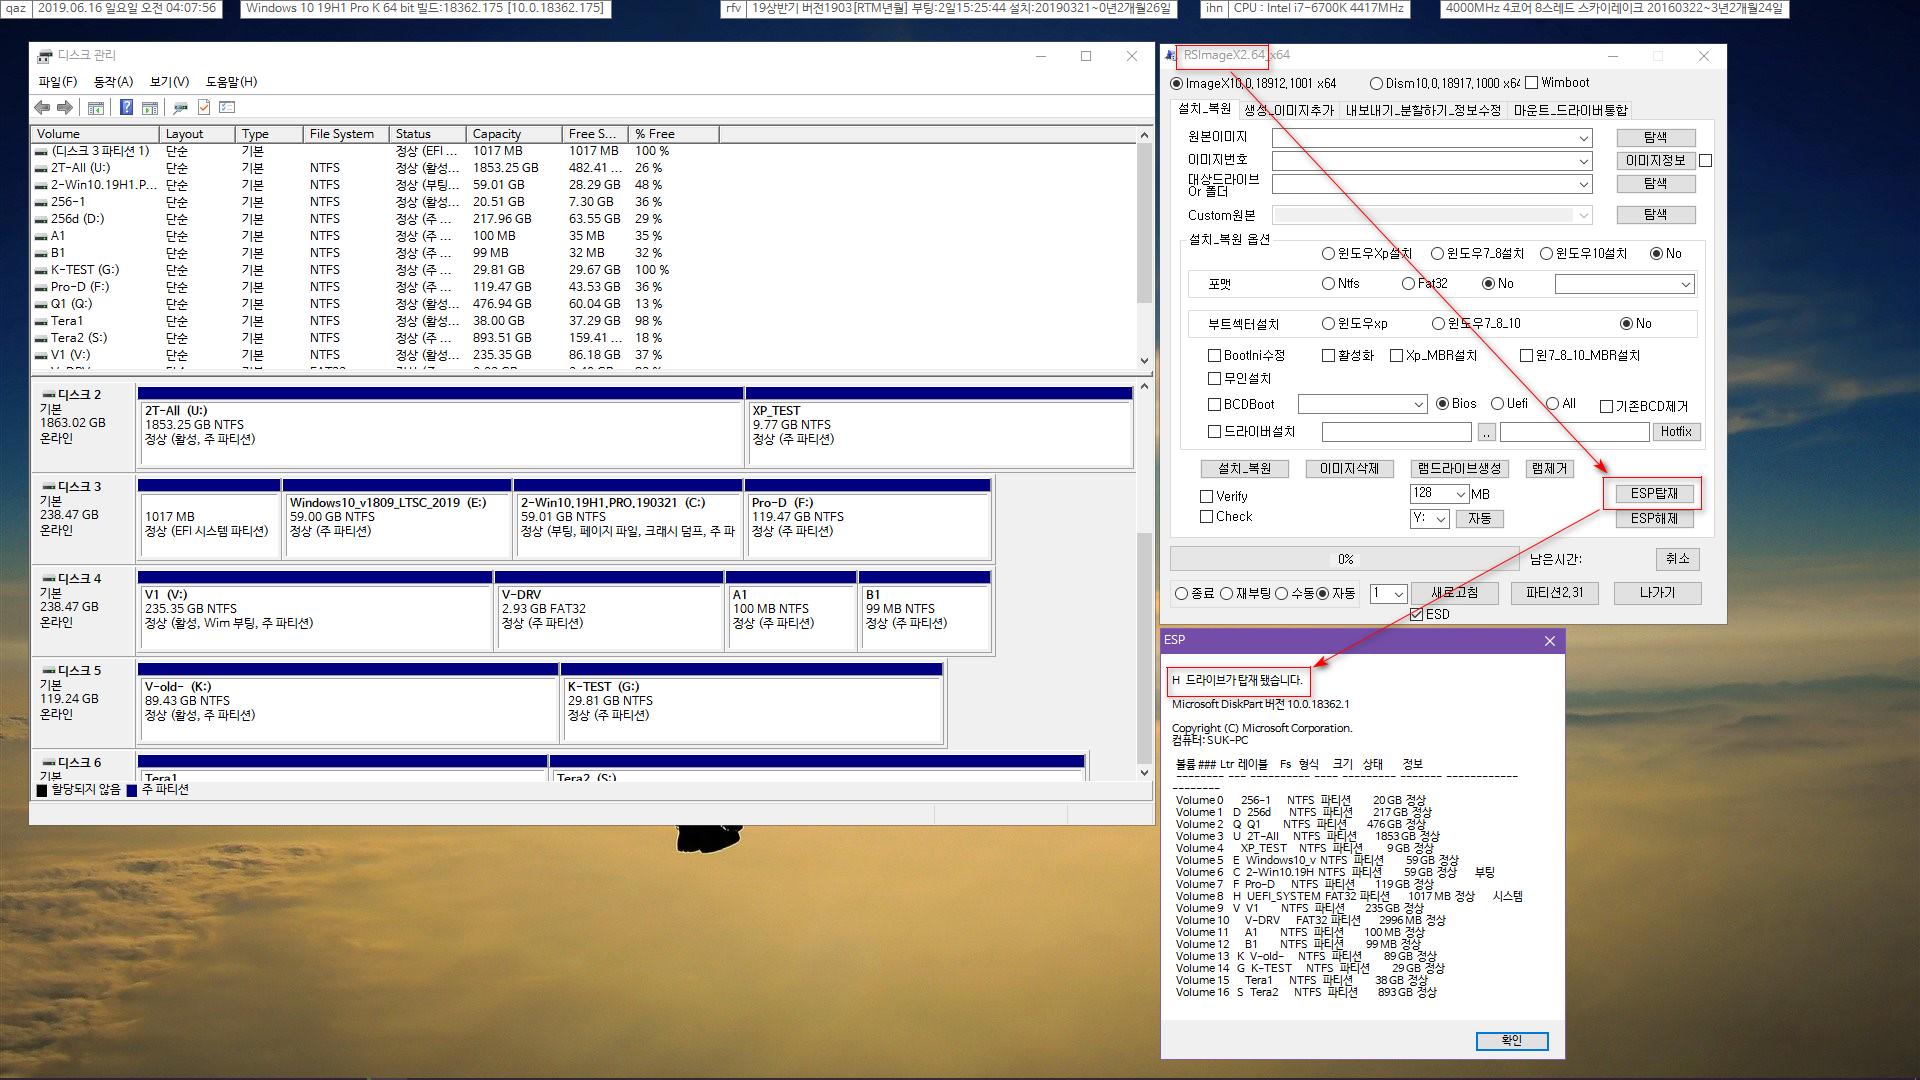 VHD를 실컴에 복구하기 - 파티션 복제, bcdboot, 하이브 로드하여 드라이브 문자들은 전부 삭제함 2019-06-16_040756.png